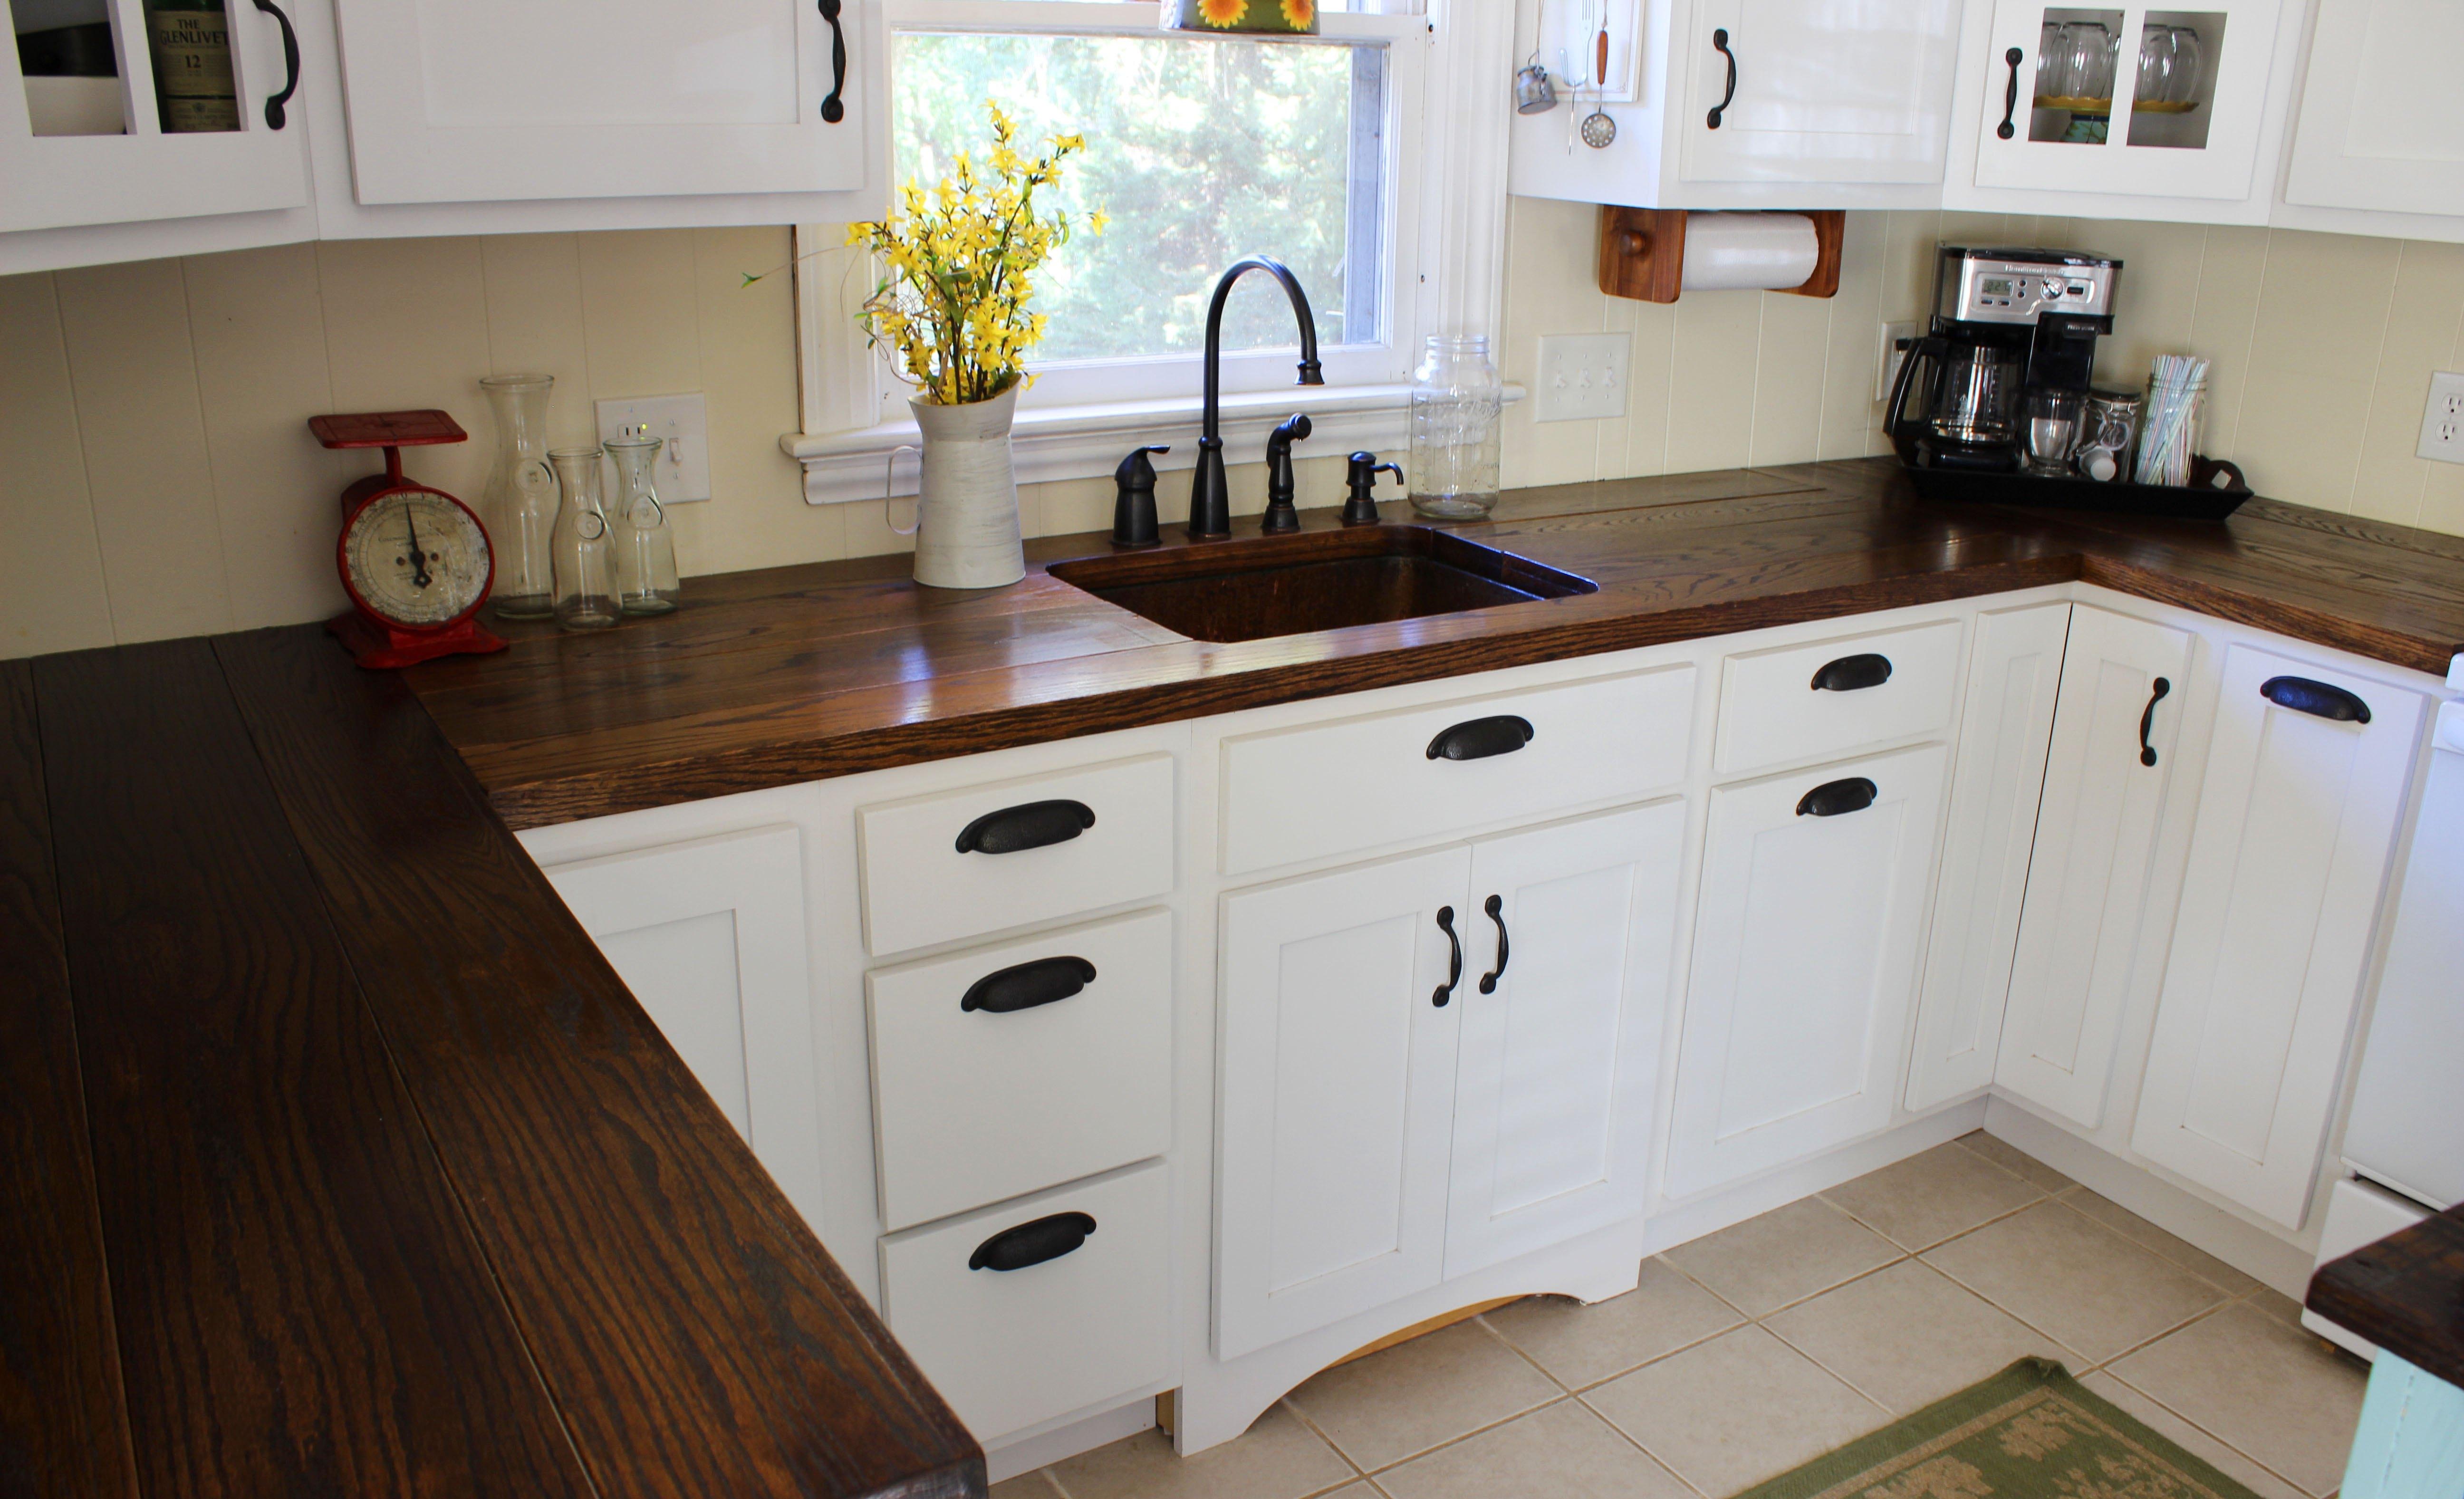 Деревянные кухонные столешницы из темной древесины - фото 1